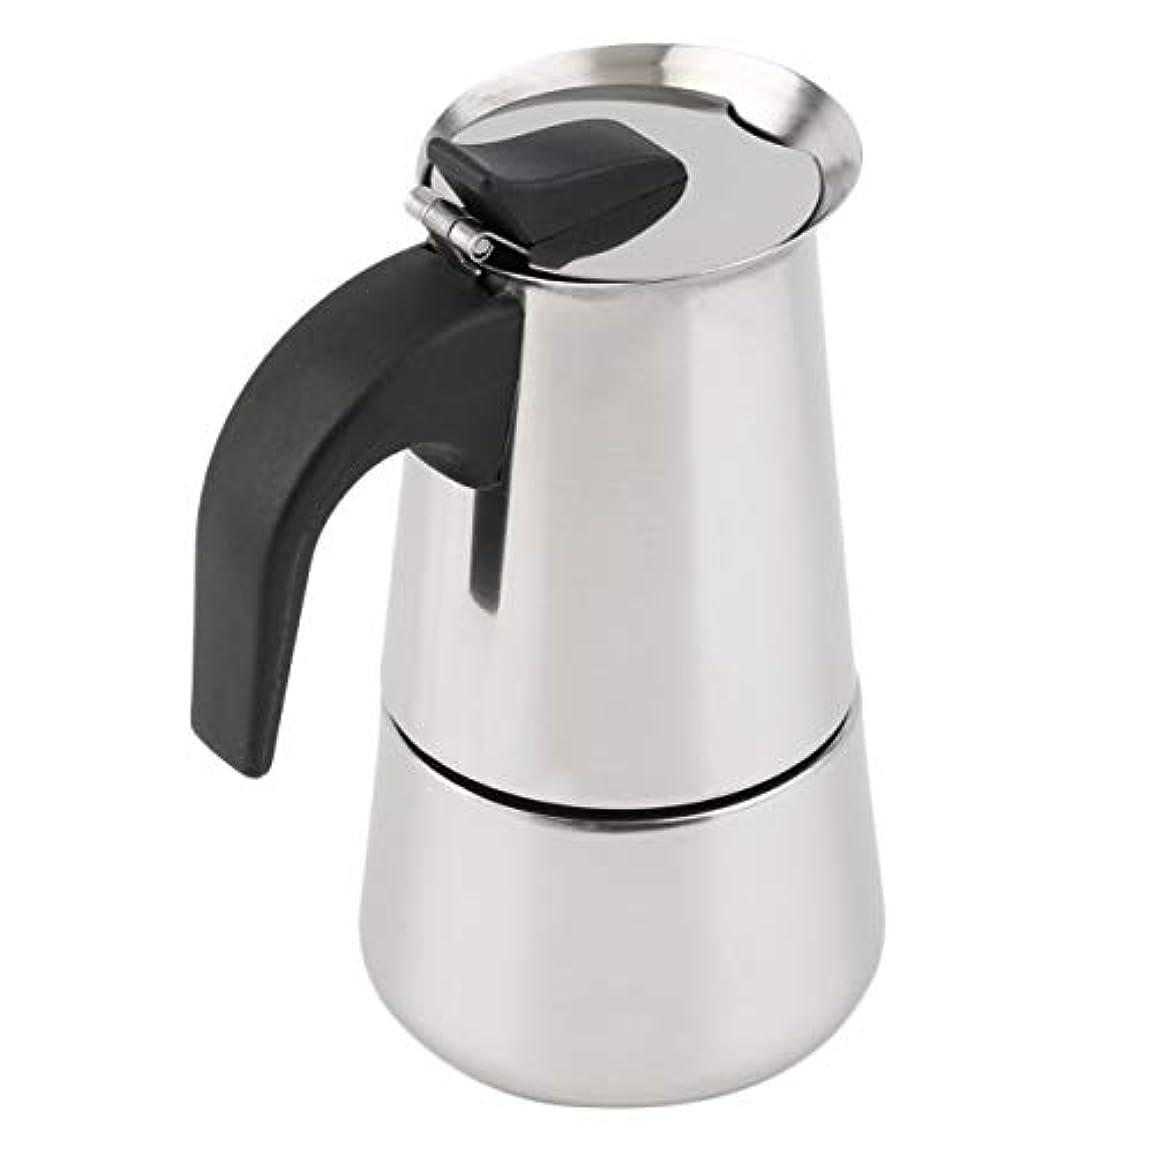 三十怒って備品Saikogoods 2/4/6カップパーコレーターストーブトップのコーヒーメーカーモカエスプレッソラテステンレスポットホット販売 銀 6カップ